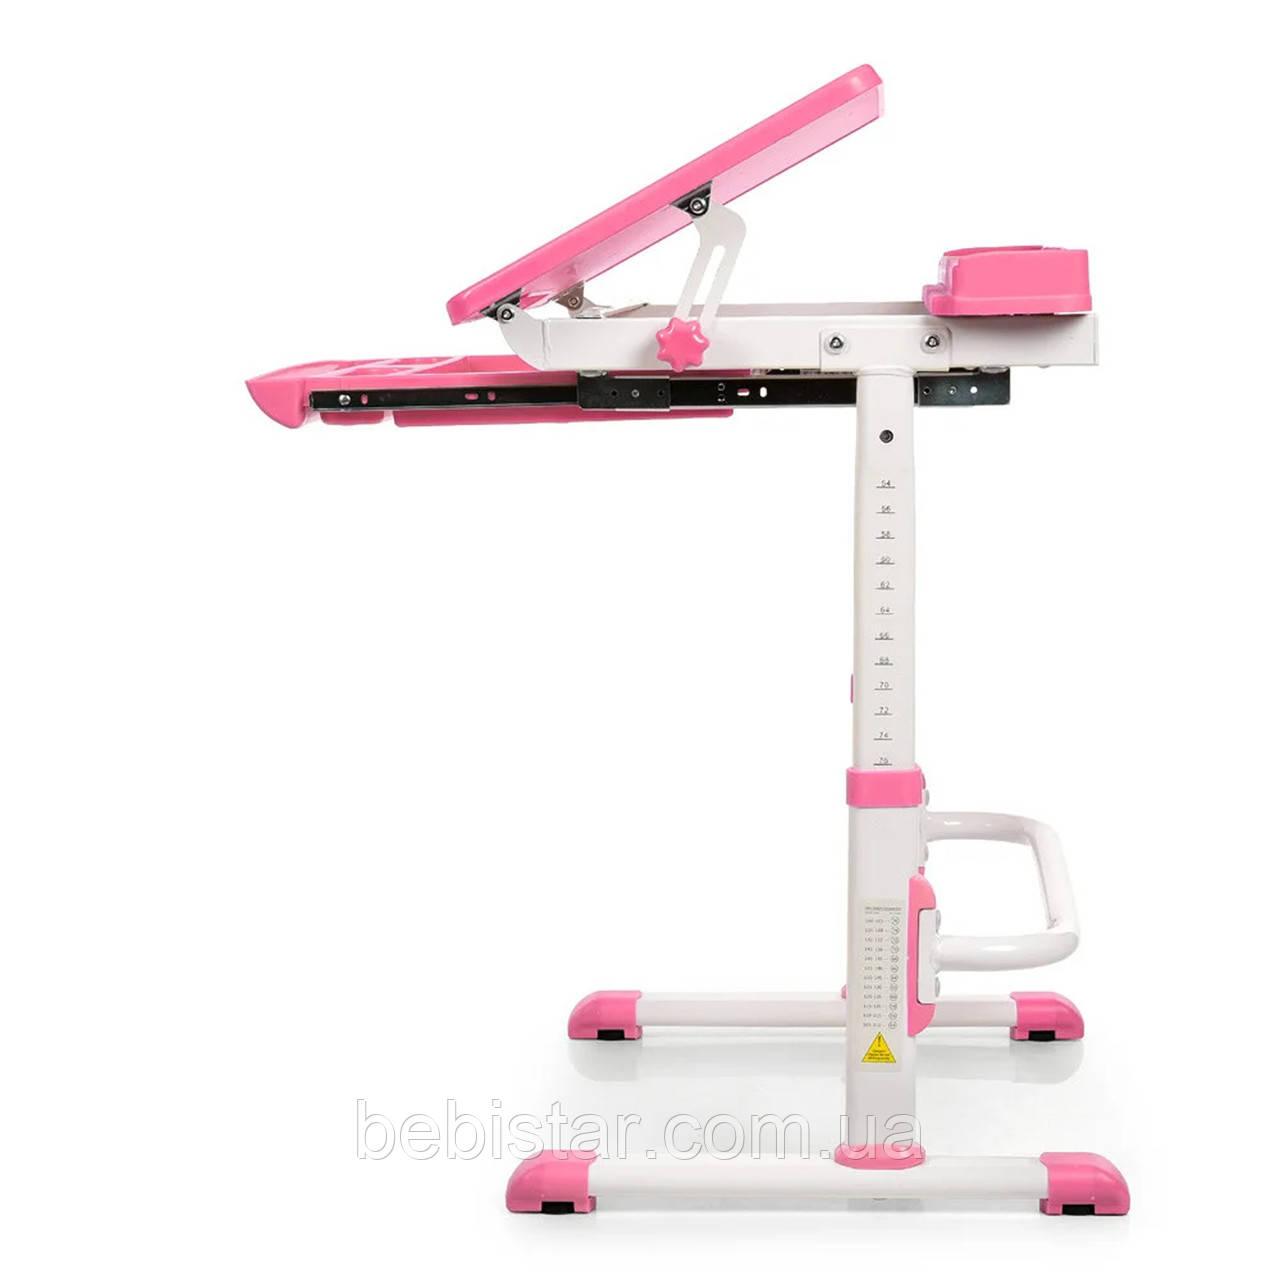 """Детская парта растишка """"Bambi"""" розового цвета трансформер девочке от 3 лет столешница 70 х 38 см - фото 3"""